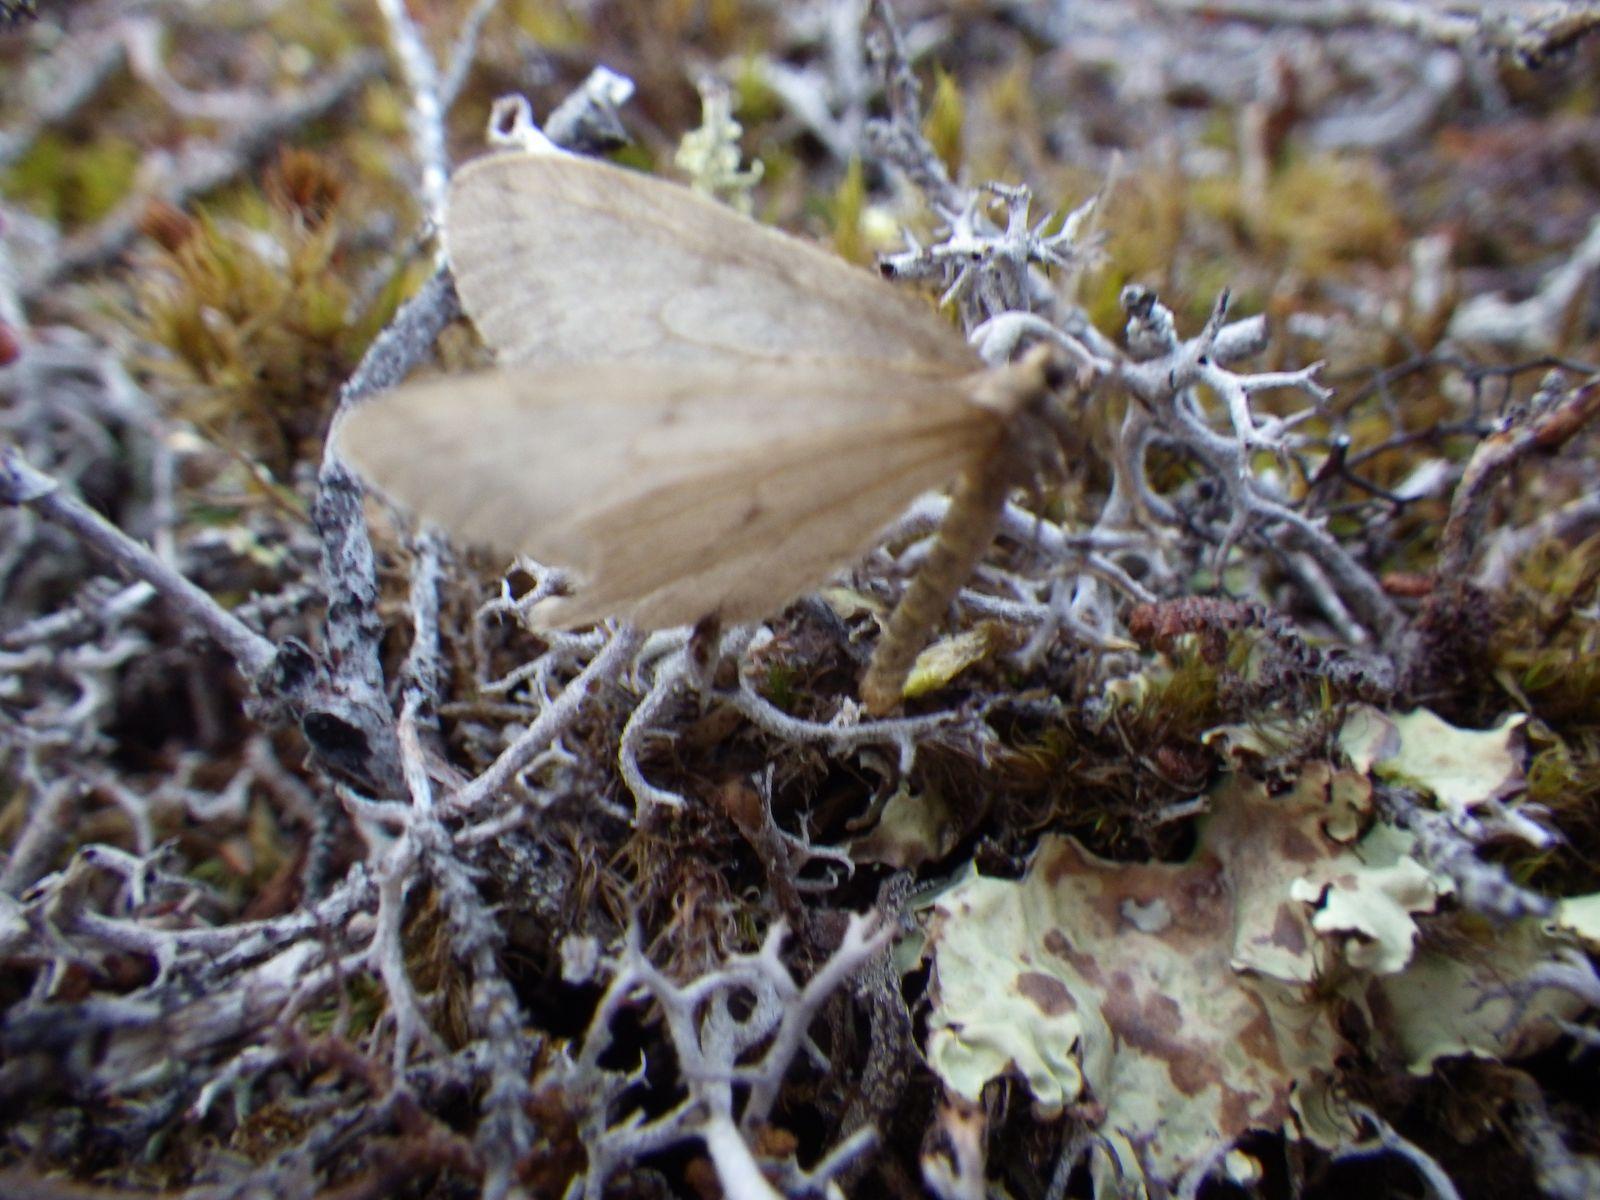 2013-10-12-2011_-_gode_1_sommerfugl_vegetation